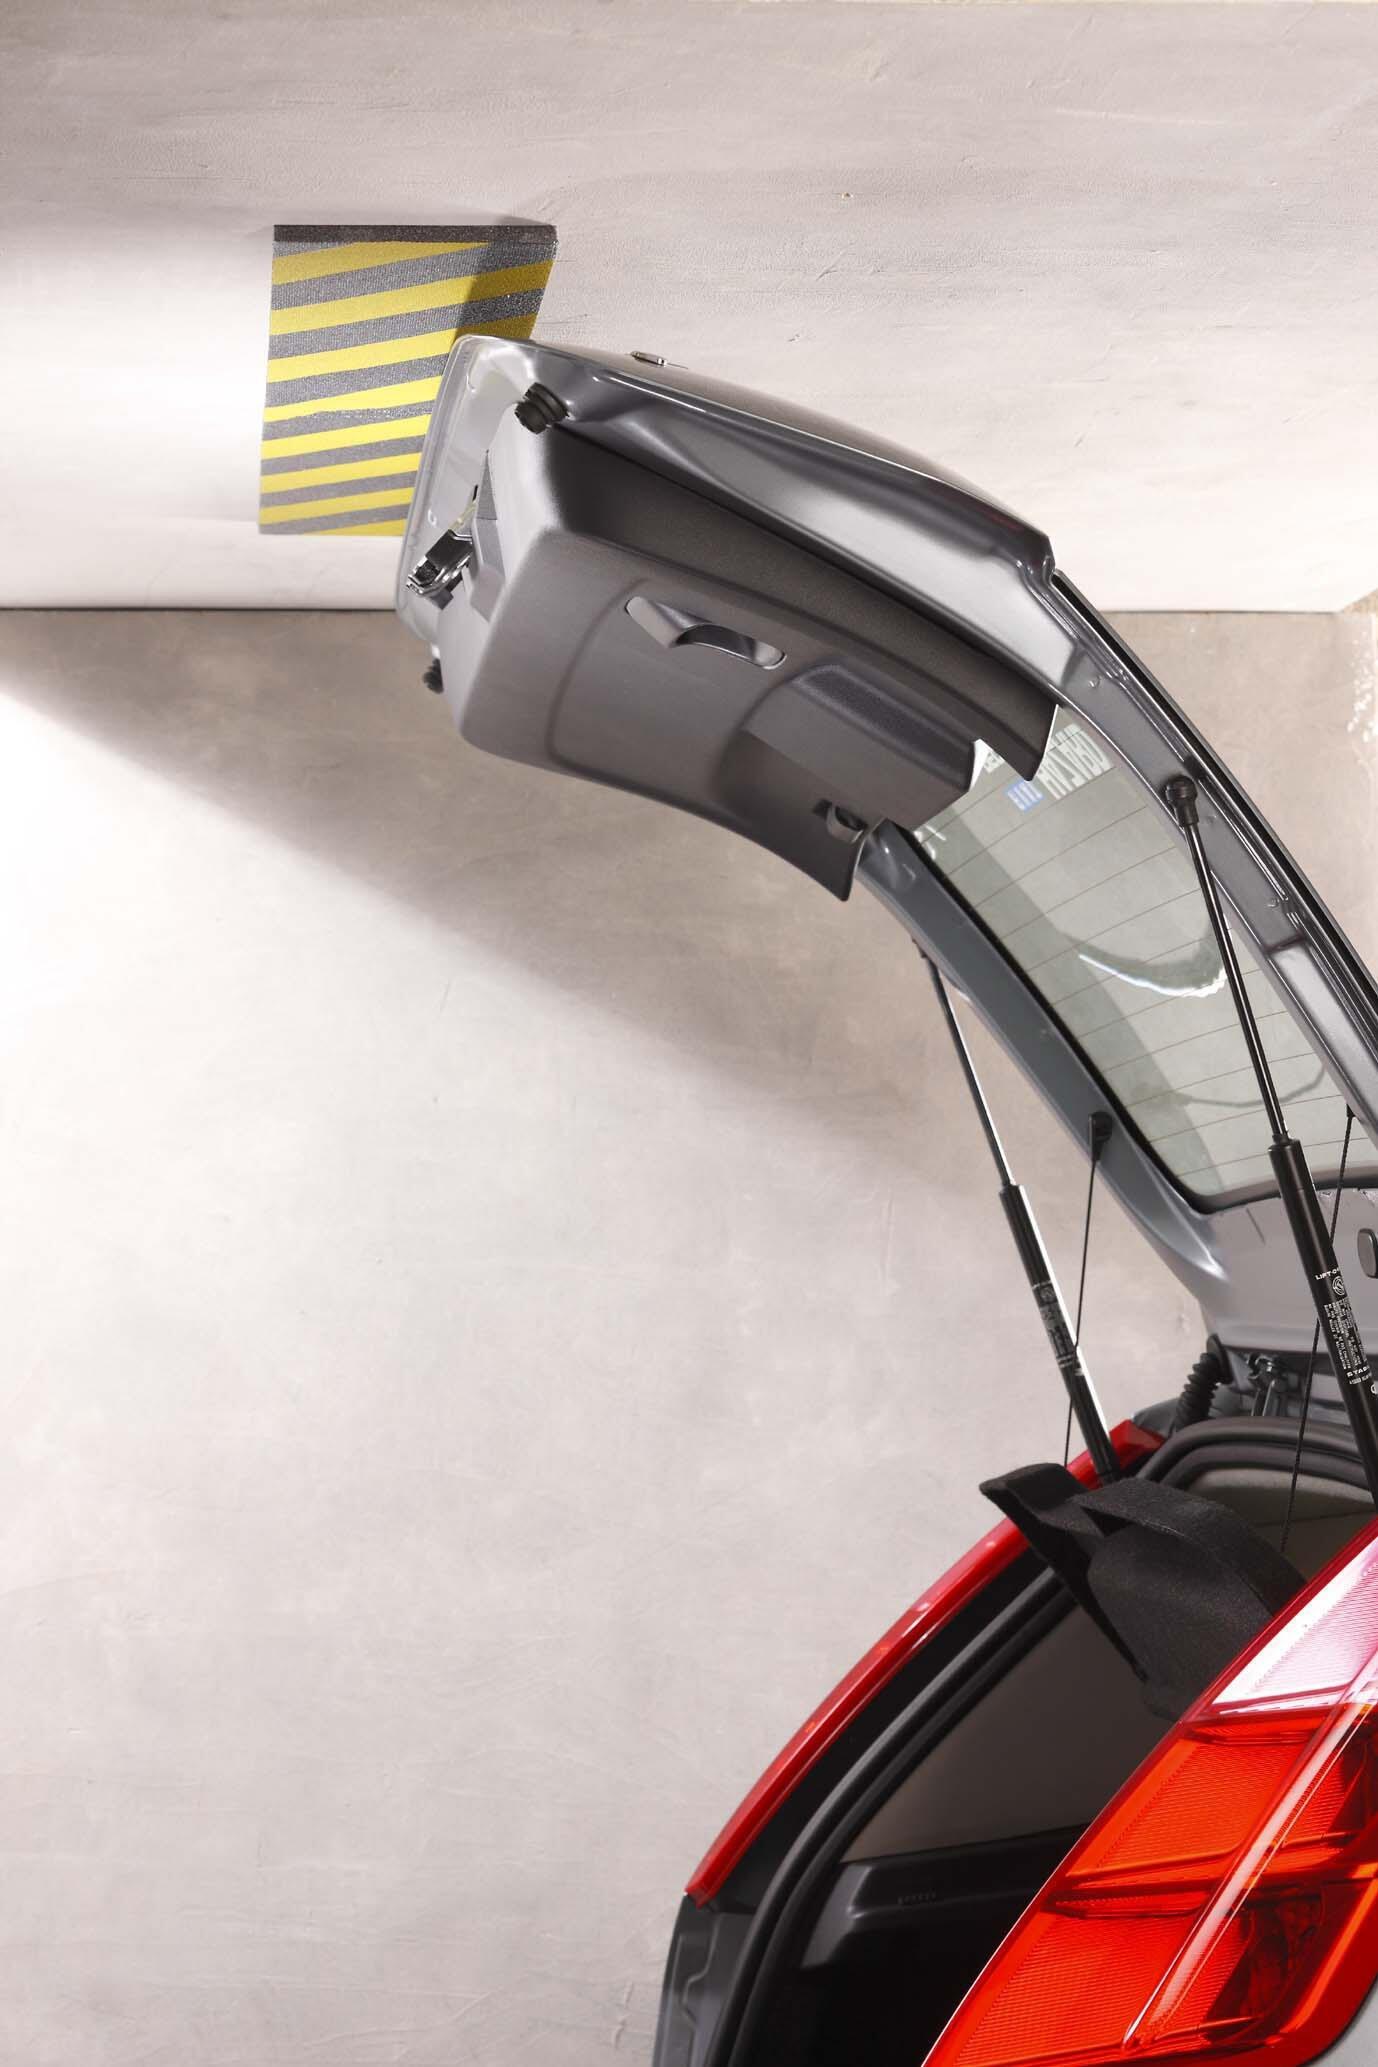 Protezione per garage in poliuretano L 100 x H 15 cm multicolore - 9